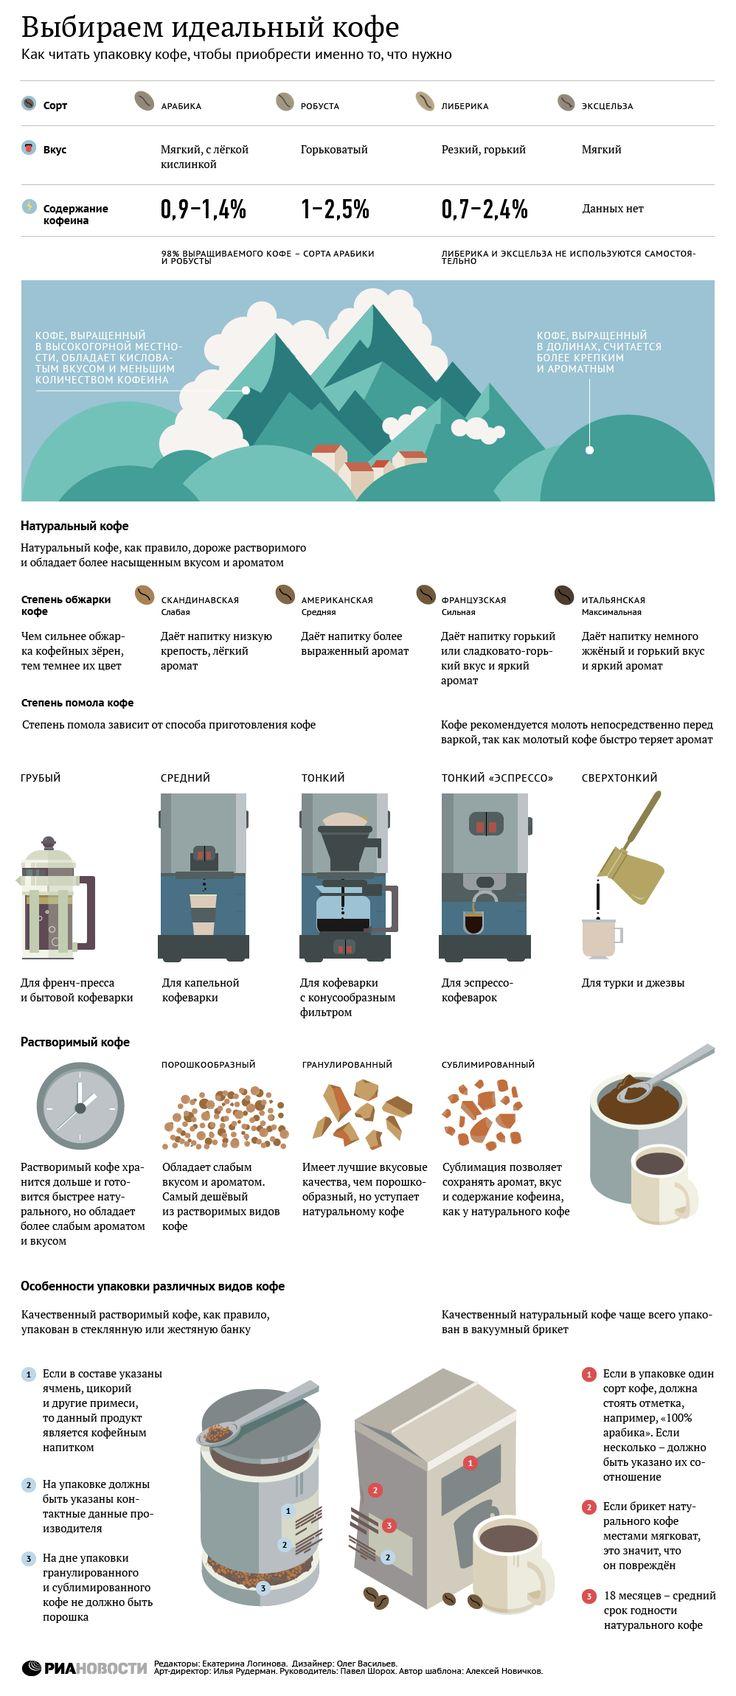 Как выбрать правильный кофе | РИА Новости